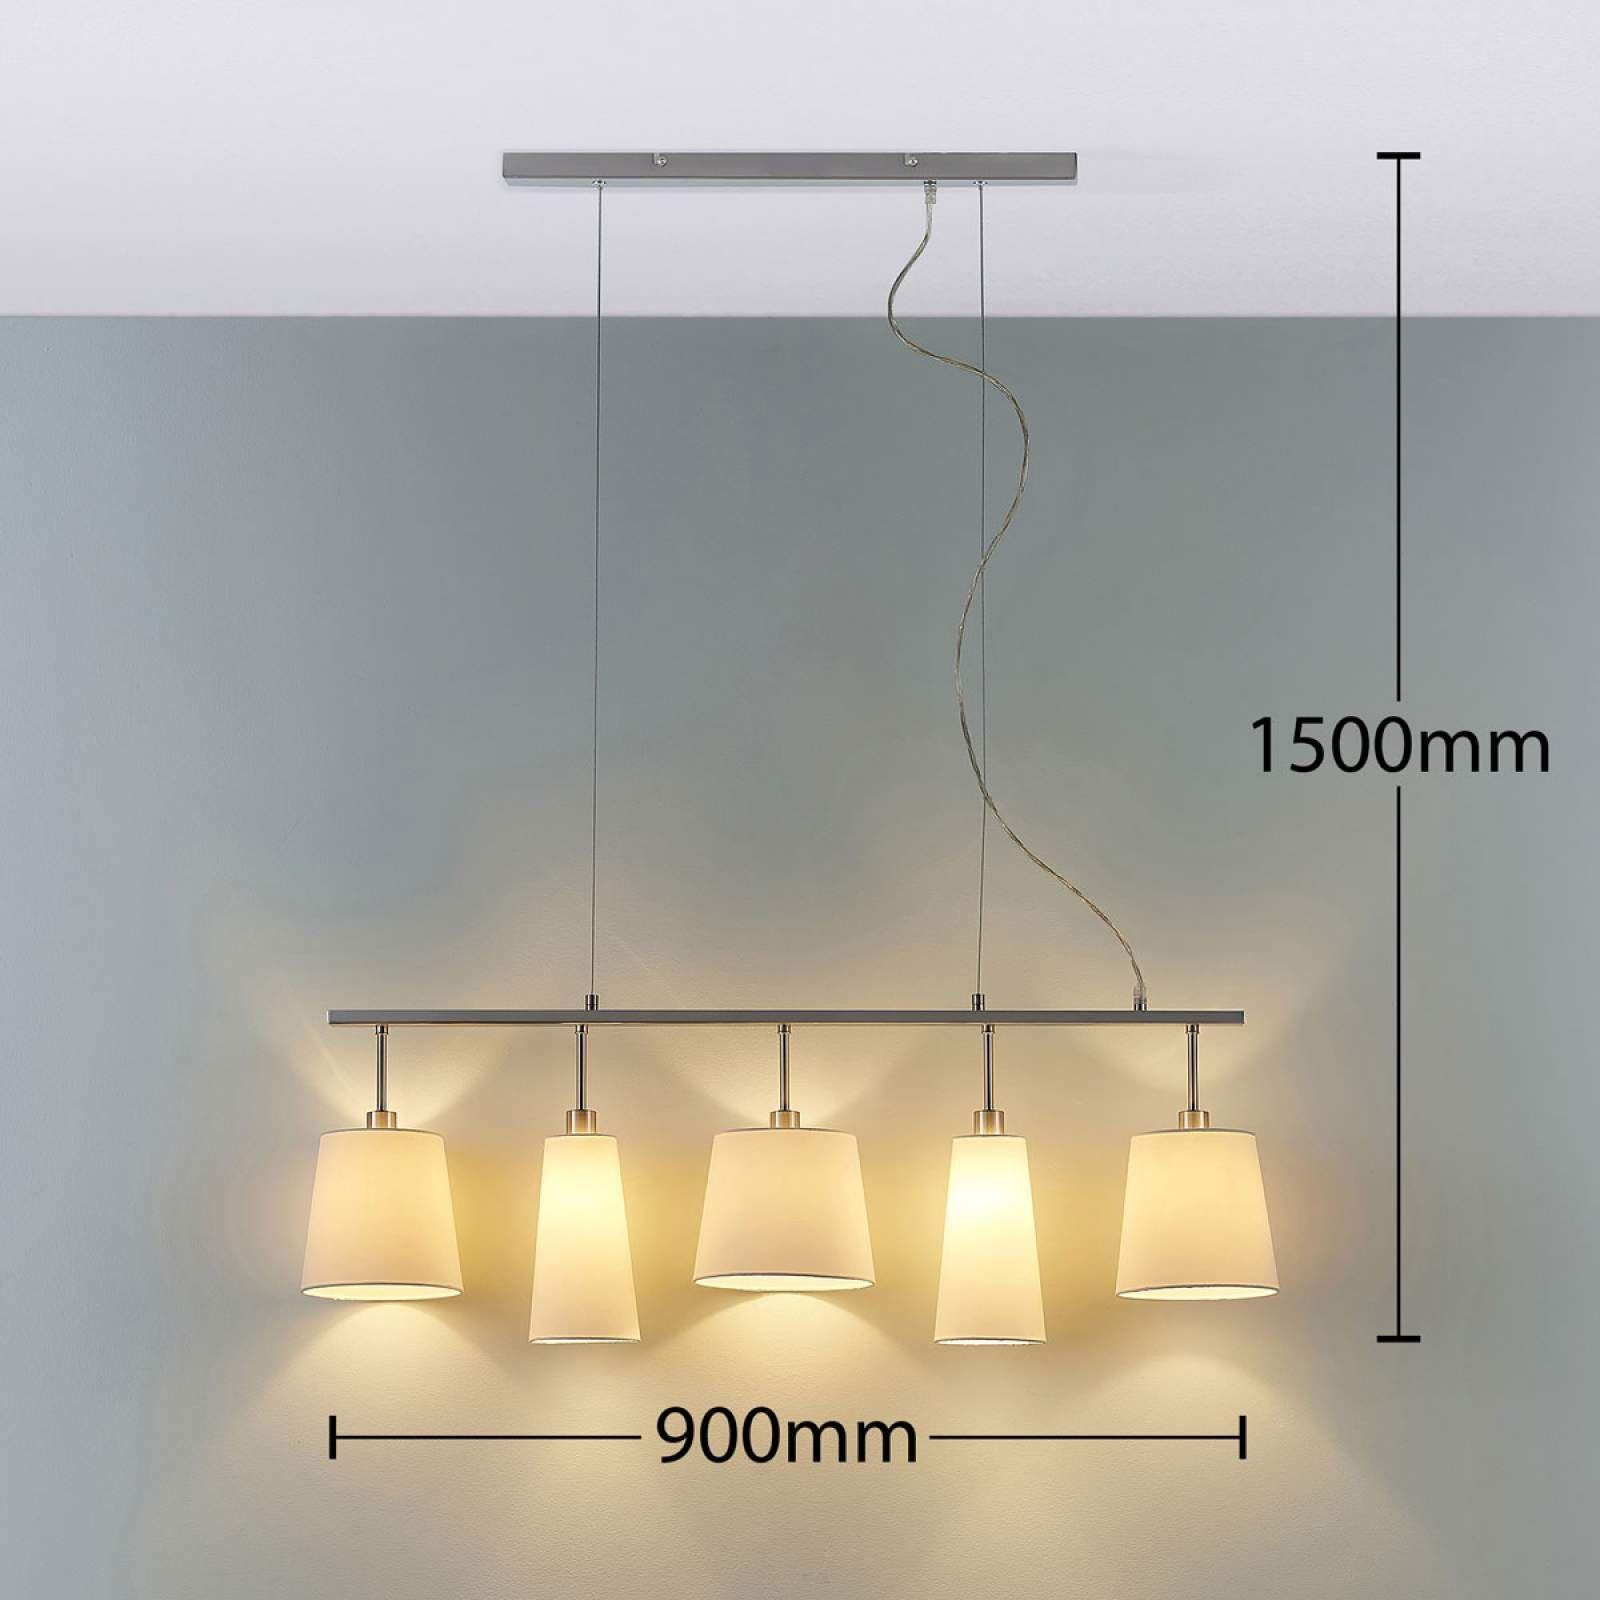 Decken Pendel Hänge Lampe Leuchte Beleuchtung Design Wohn Schlaf Zimmer Diele